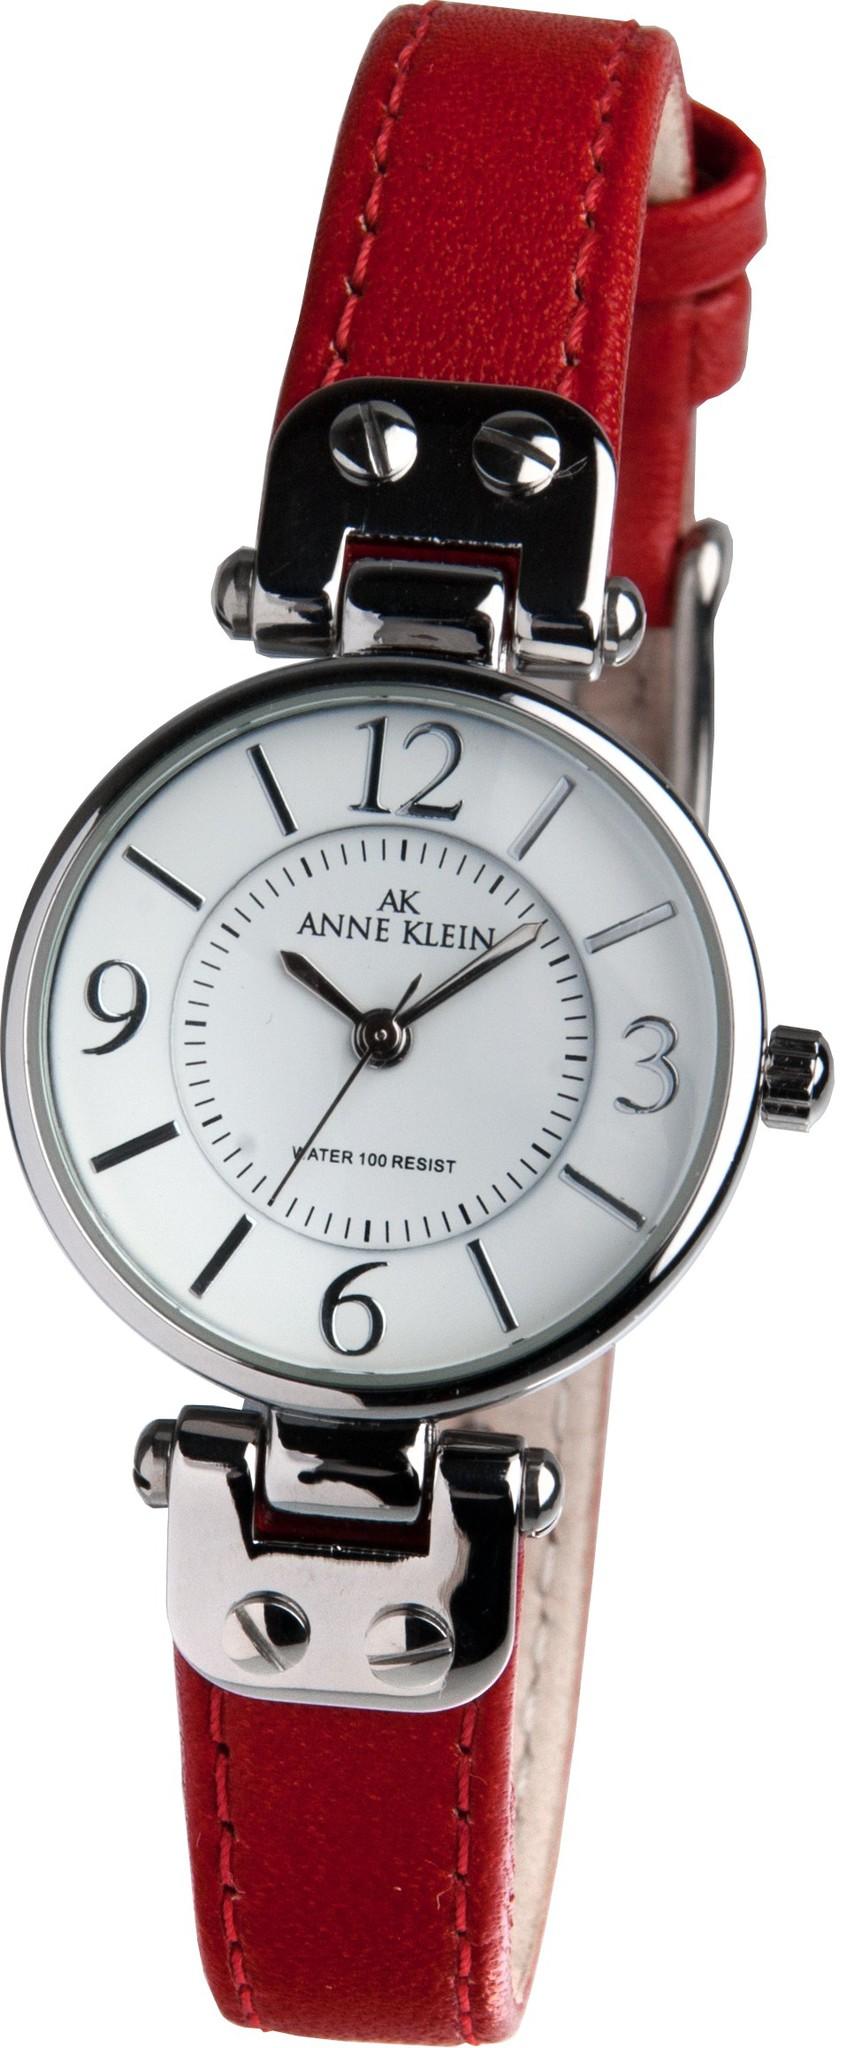 Женские наручные часы цены в Барнауле